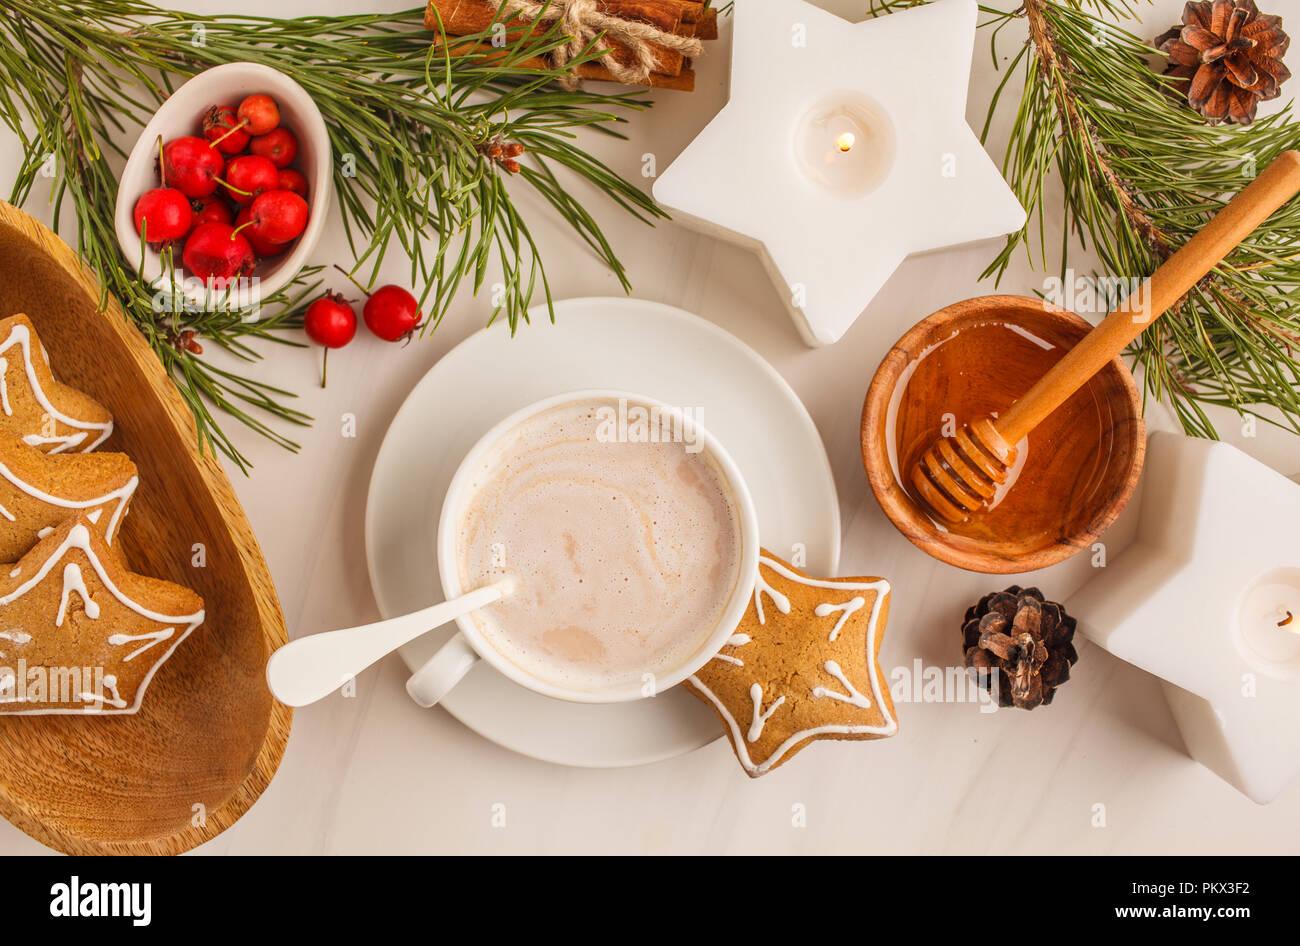 Biscotti Allo Zenzero Di Natale.Natale Messa In Tavola Con Biscotti Allo Zenzero E Cacao Cartolina